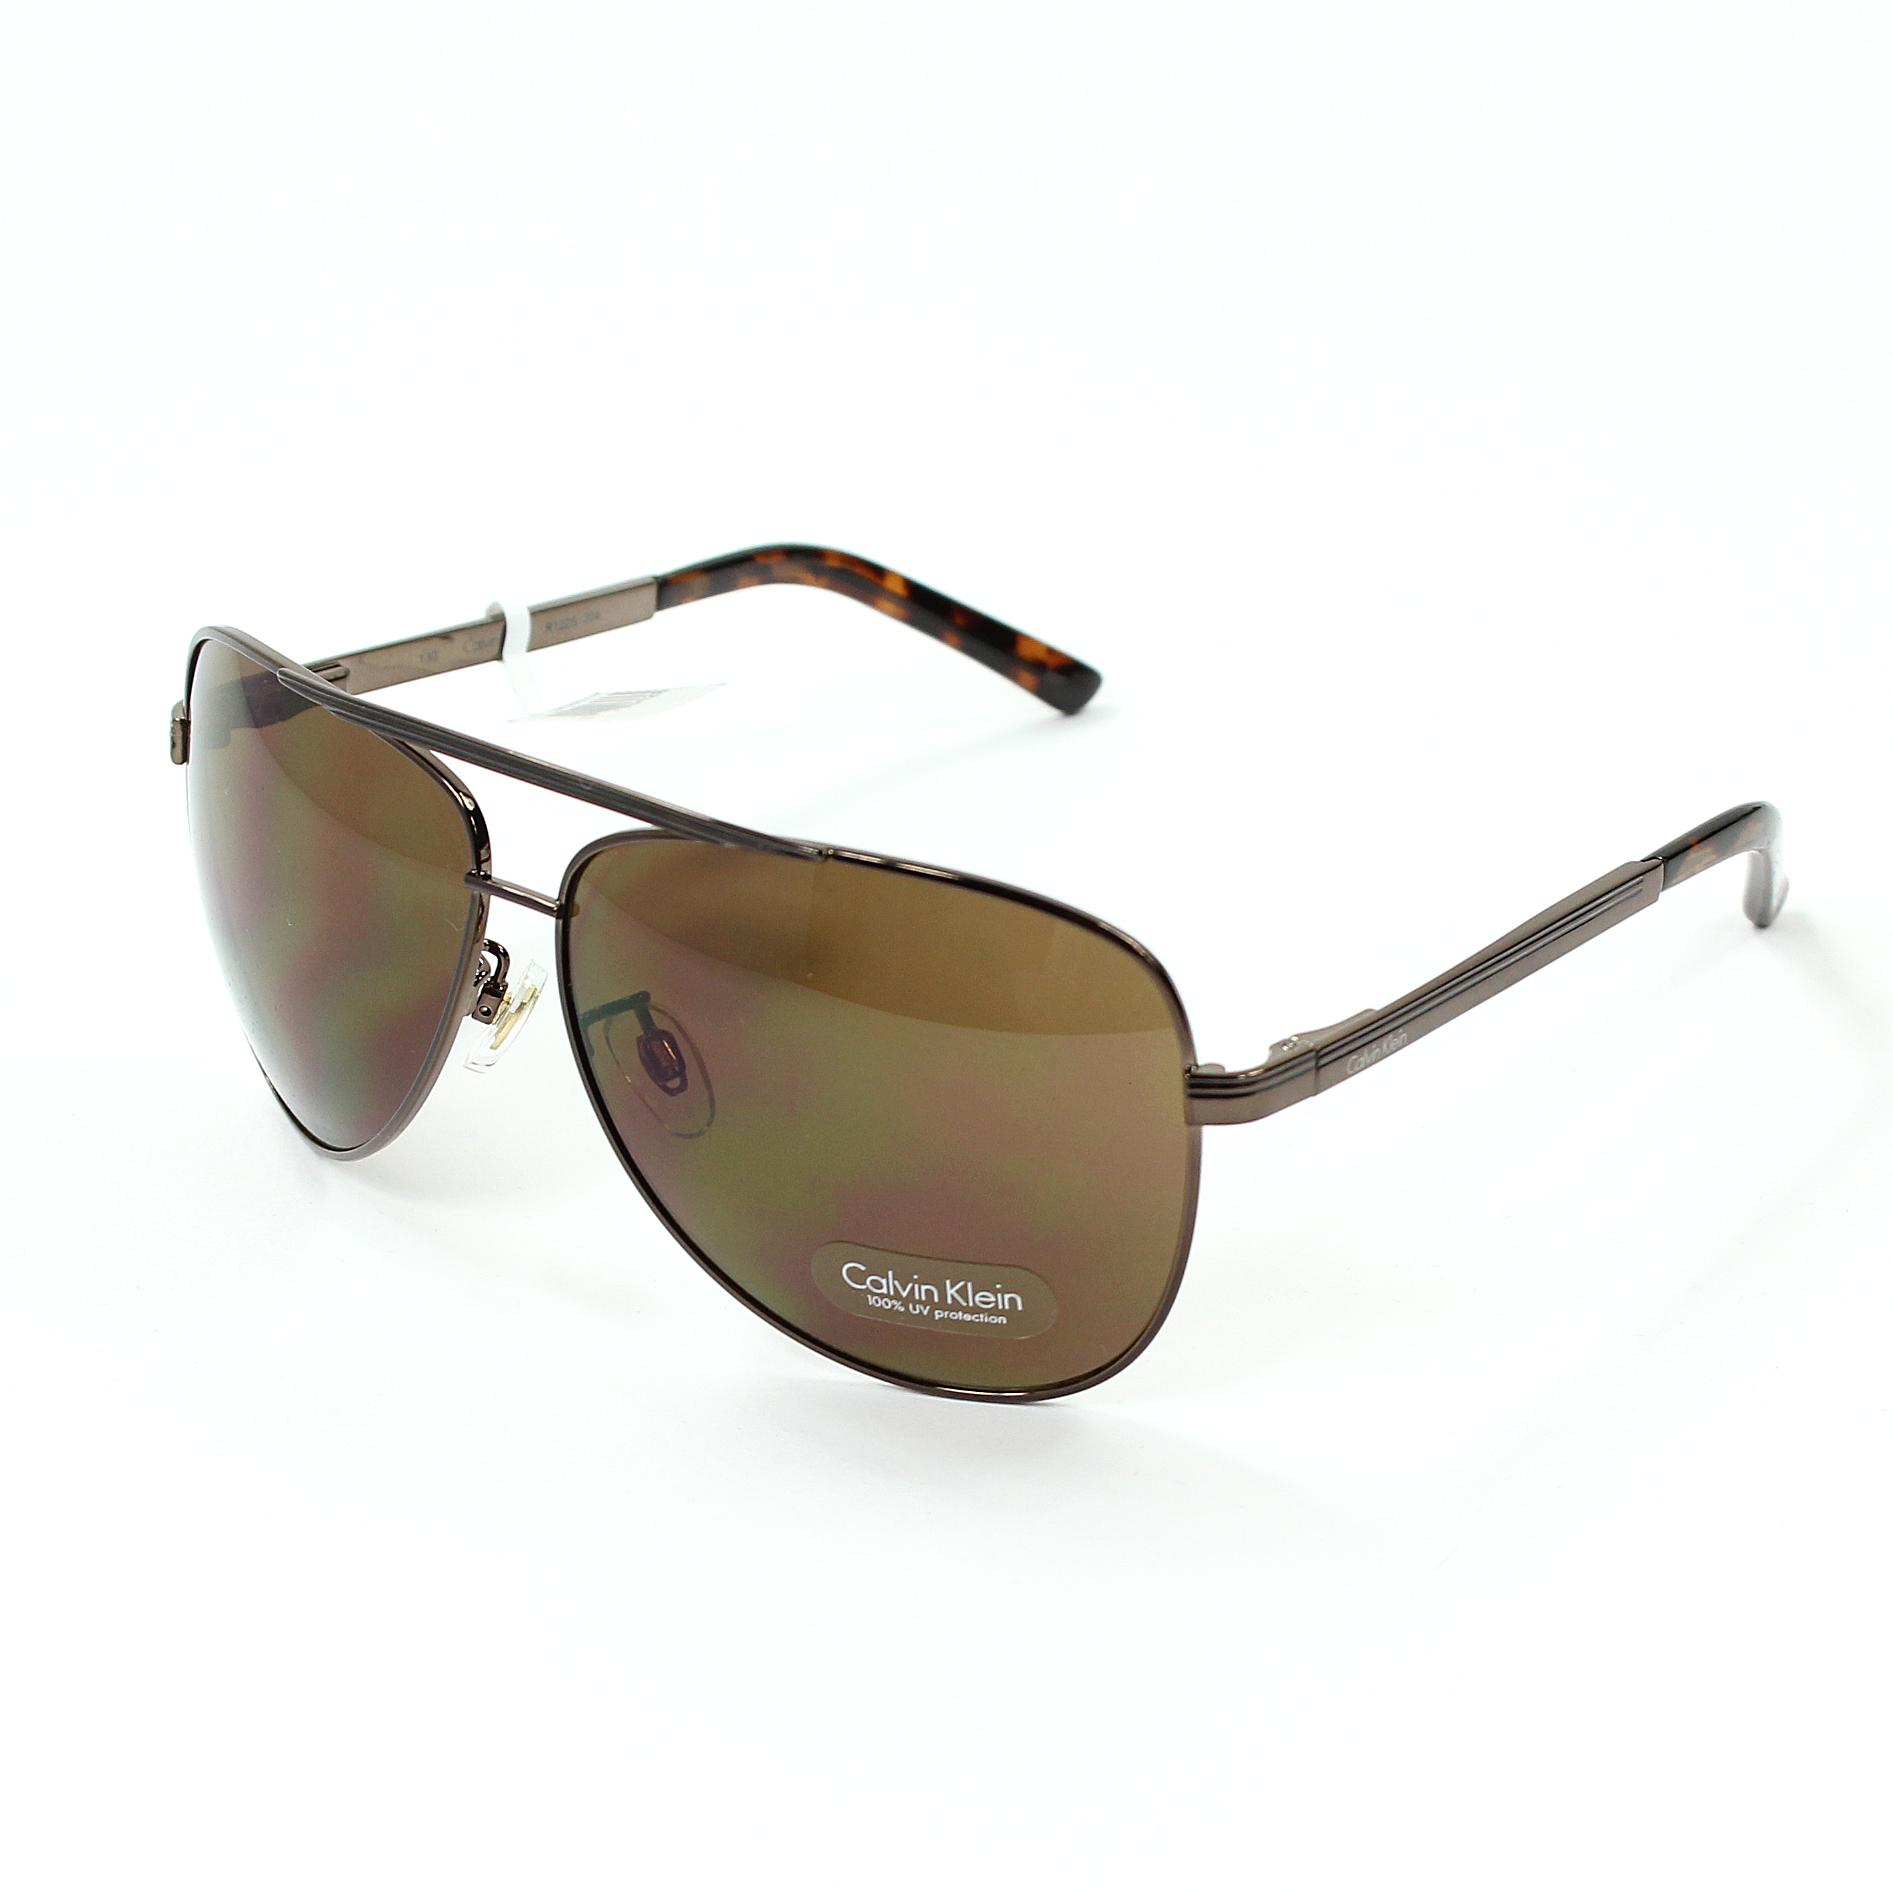 美國百分百【全新真品】Calvin Klein 眼鏡 CK 太陽眼鏡 墨鏡 咖啡 飛行 玳瑁 抗UV 男 女 E089